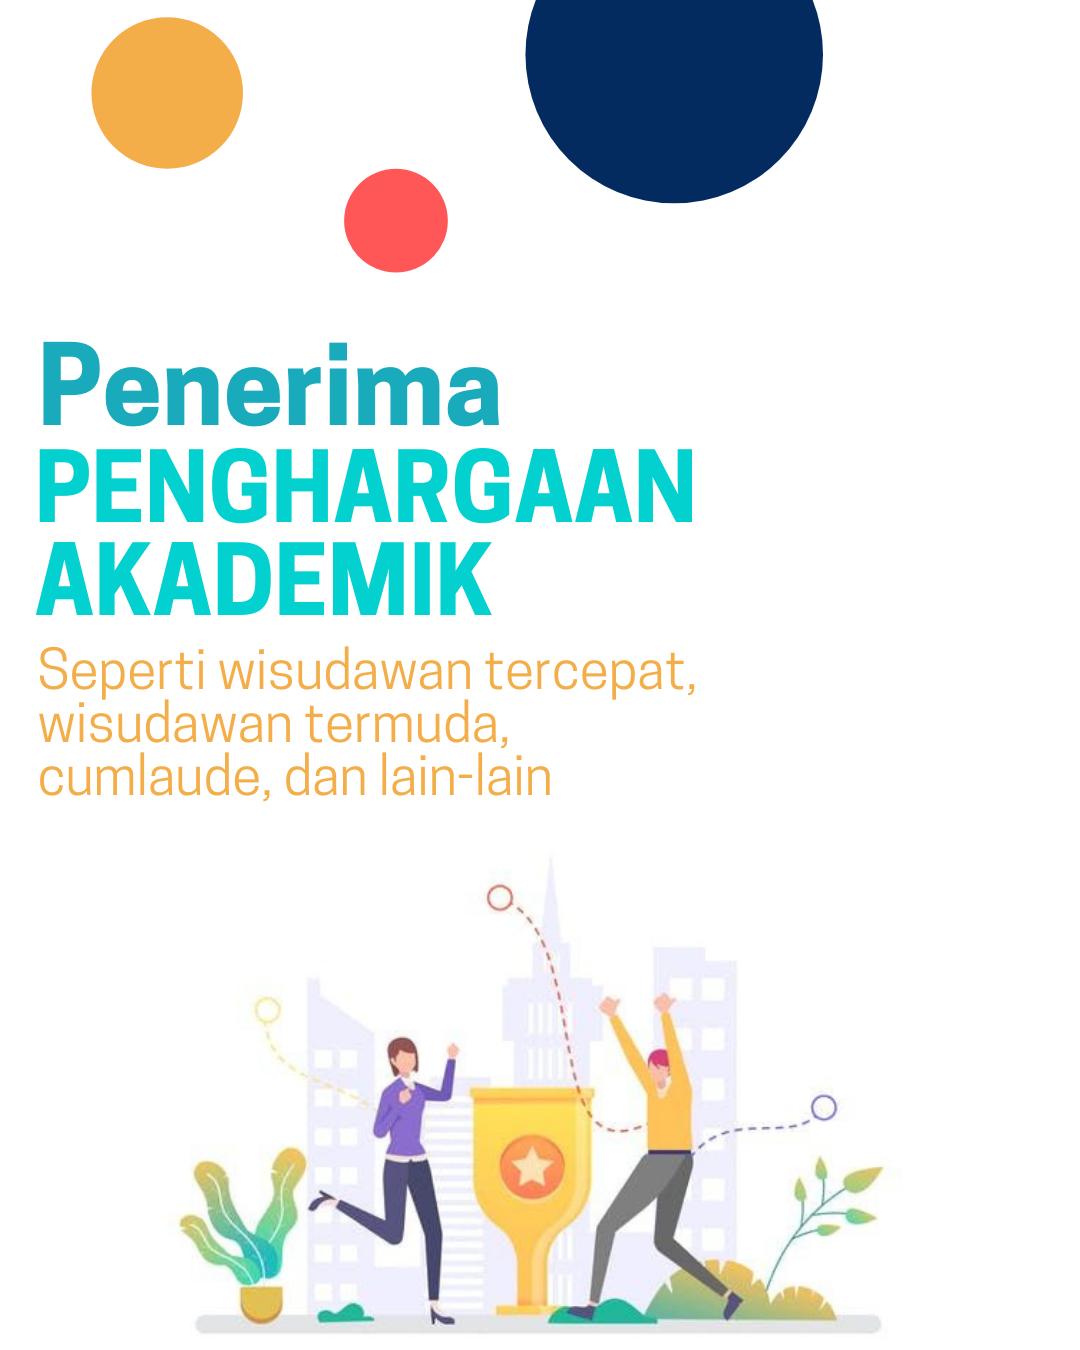 Scholars website